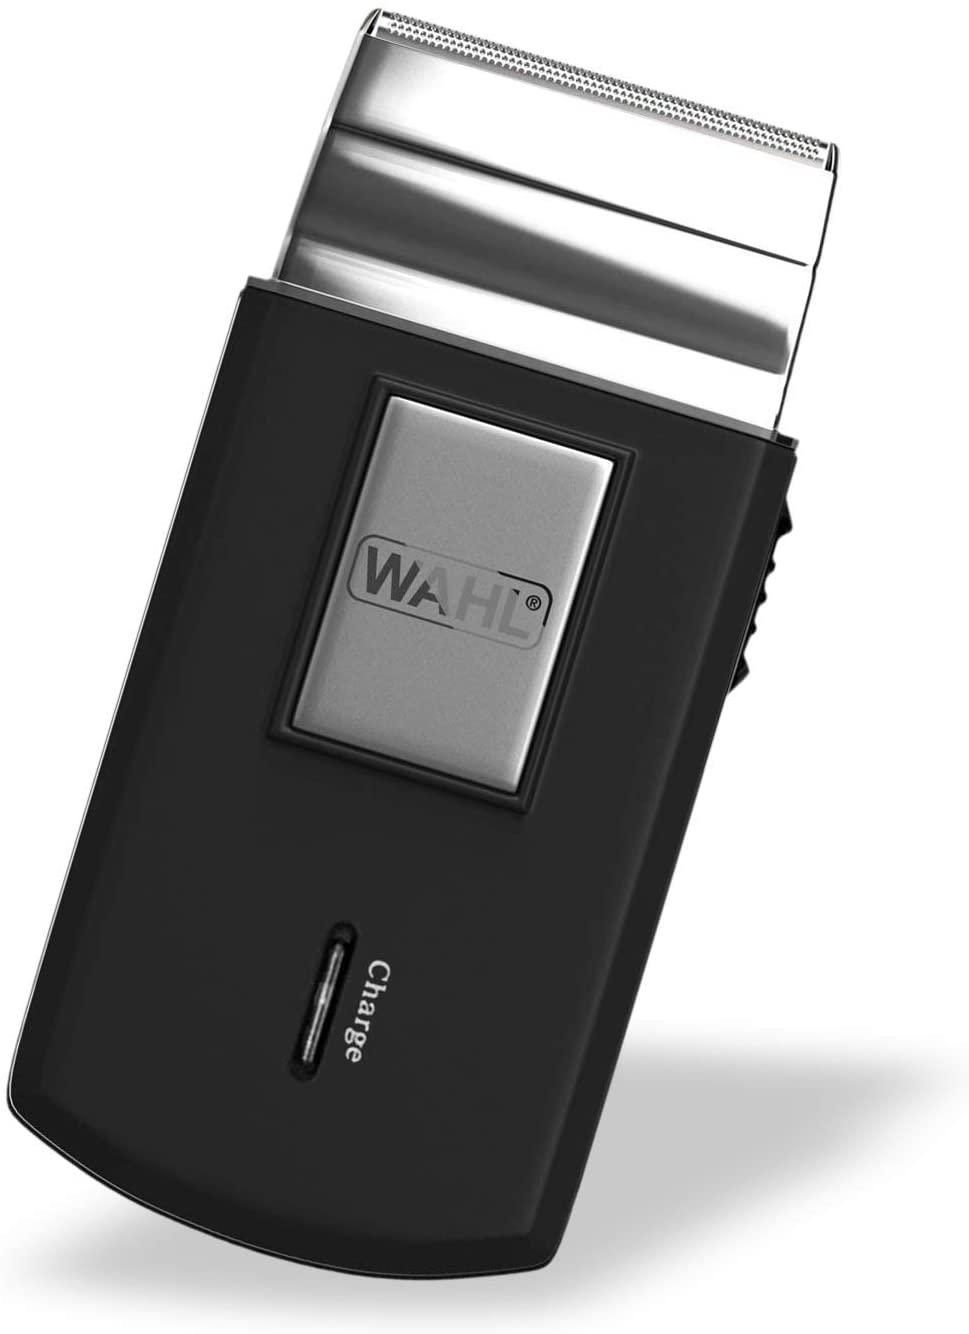 Wahl 3615 rasoio elettrico da viaggio